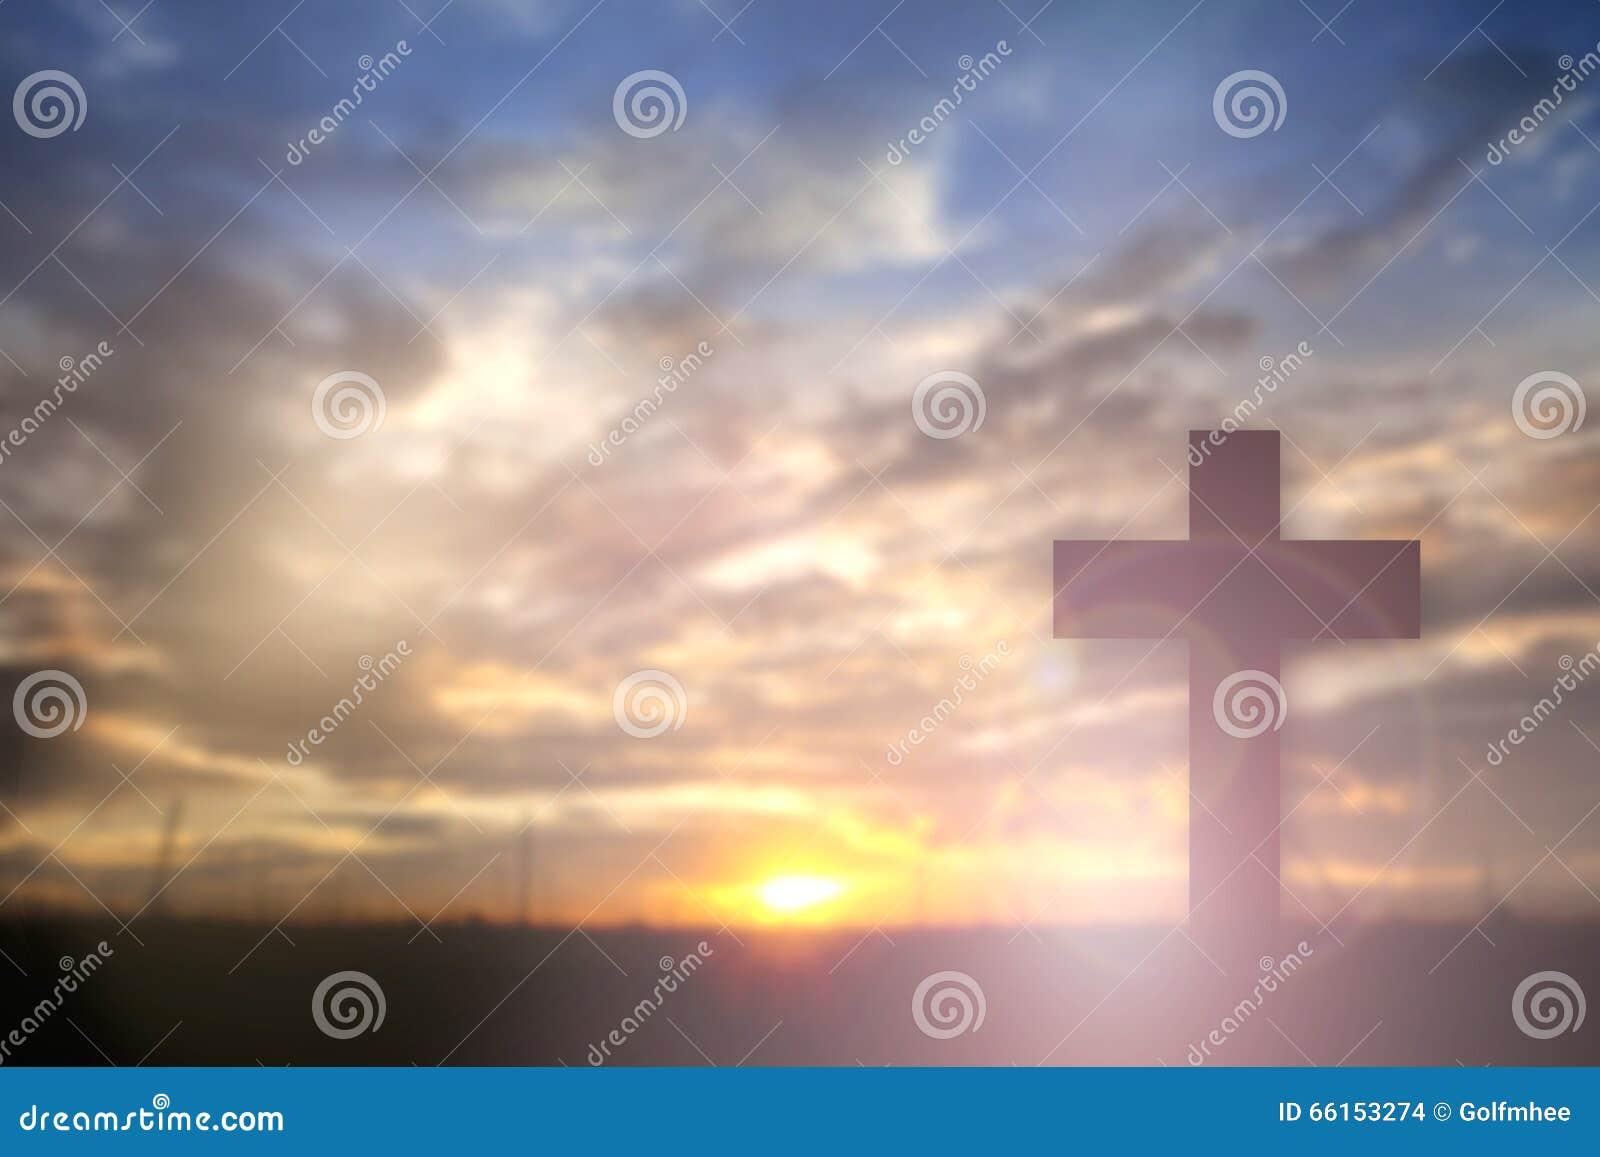 Silhouet van Jesus met Kruis over zonsondergangconcept voor godsdienst,